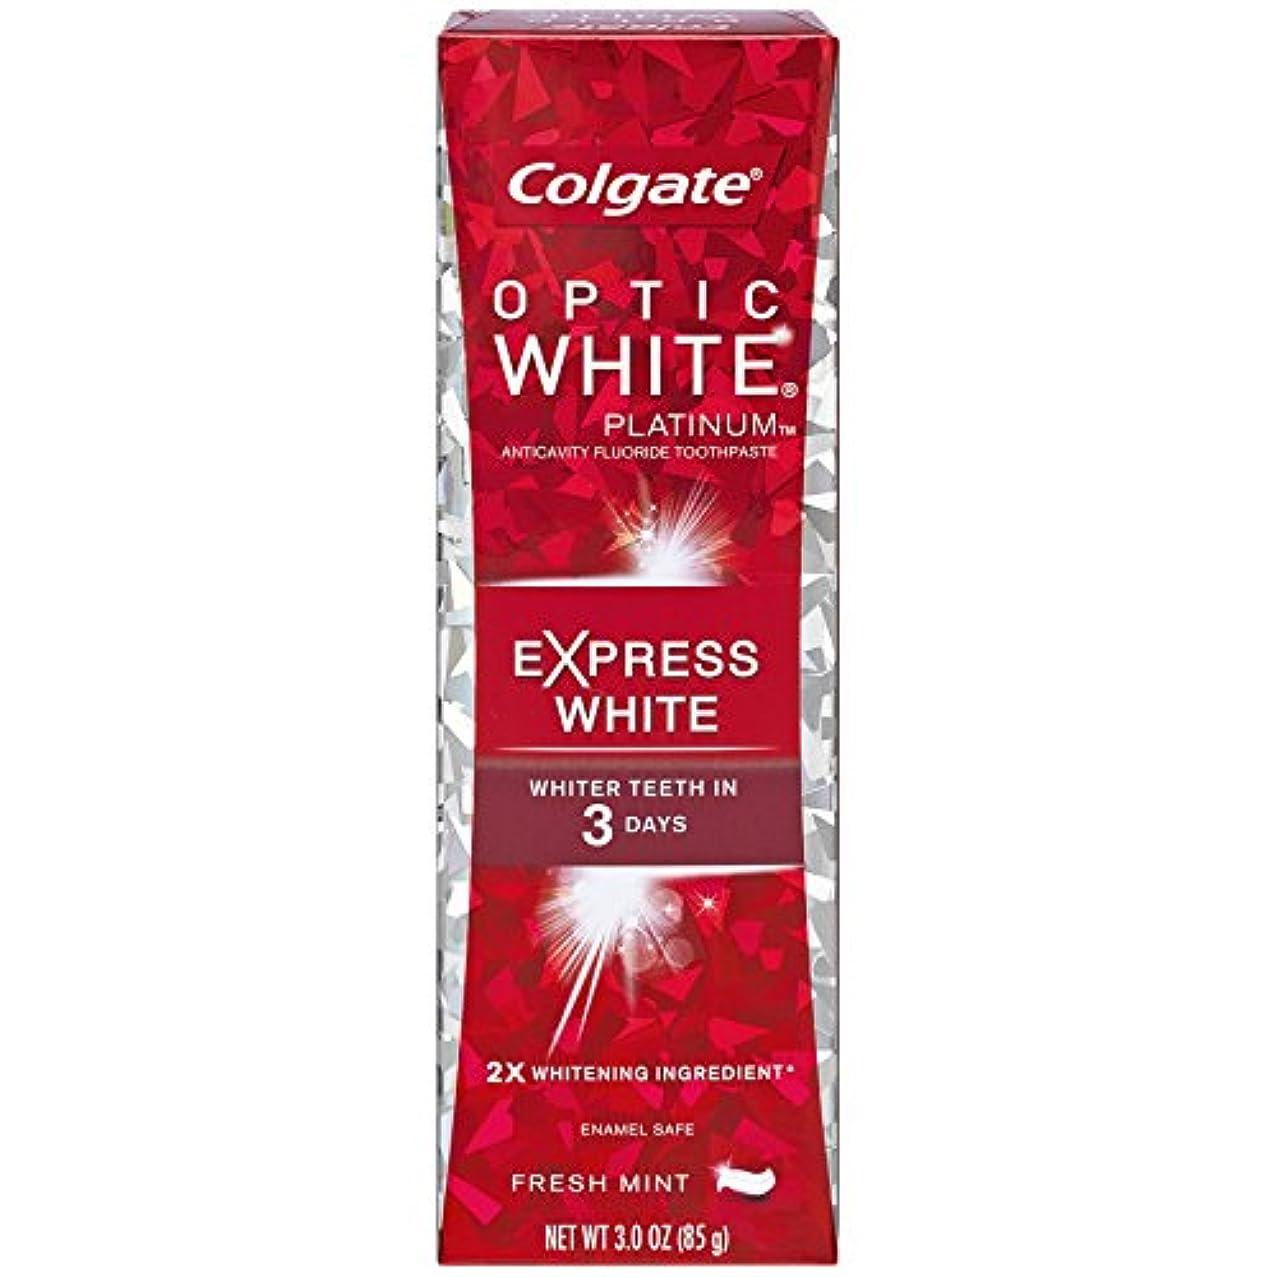 食事を調理する学校教育政策コルゲート 歯みがき粉 オプティック ホワイト 3Days エクスプレス ホワイト